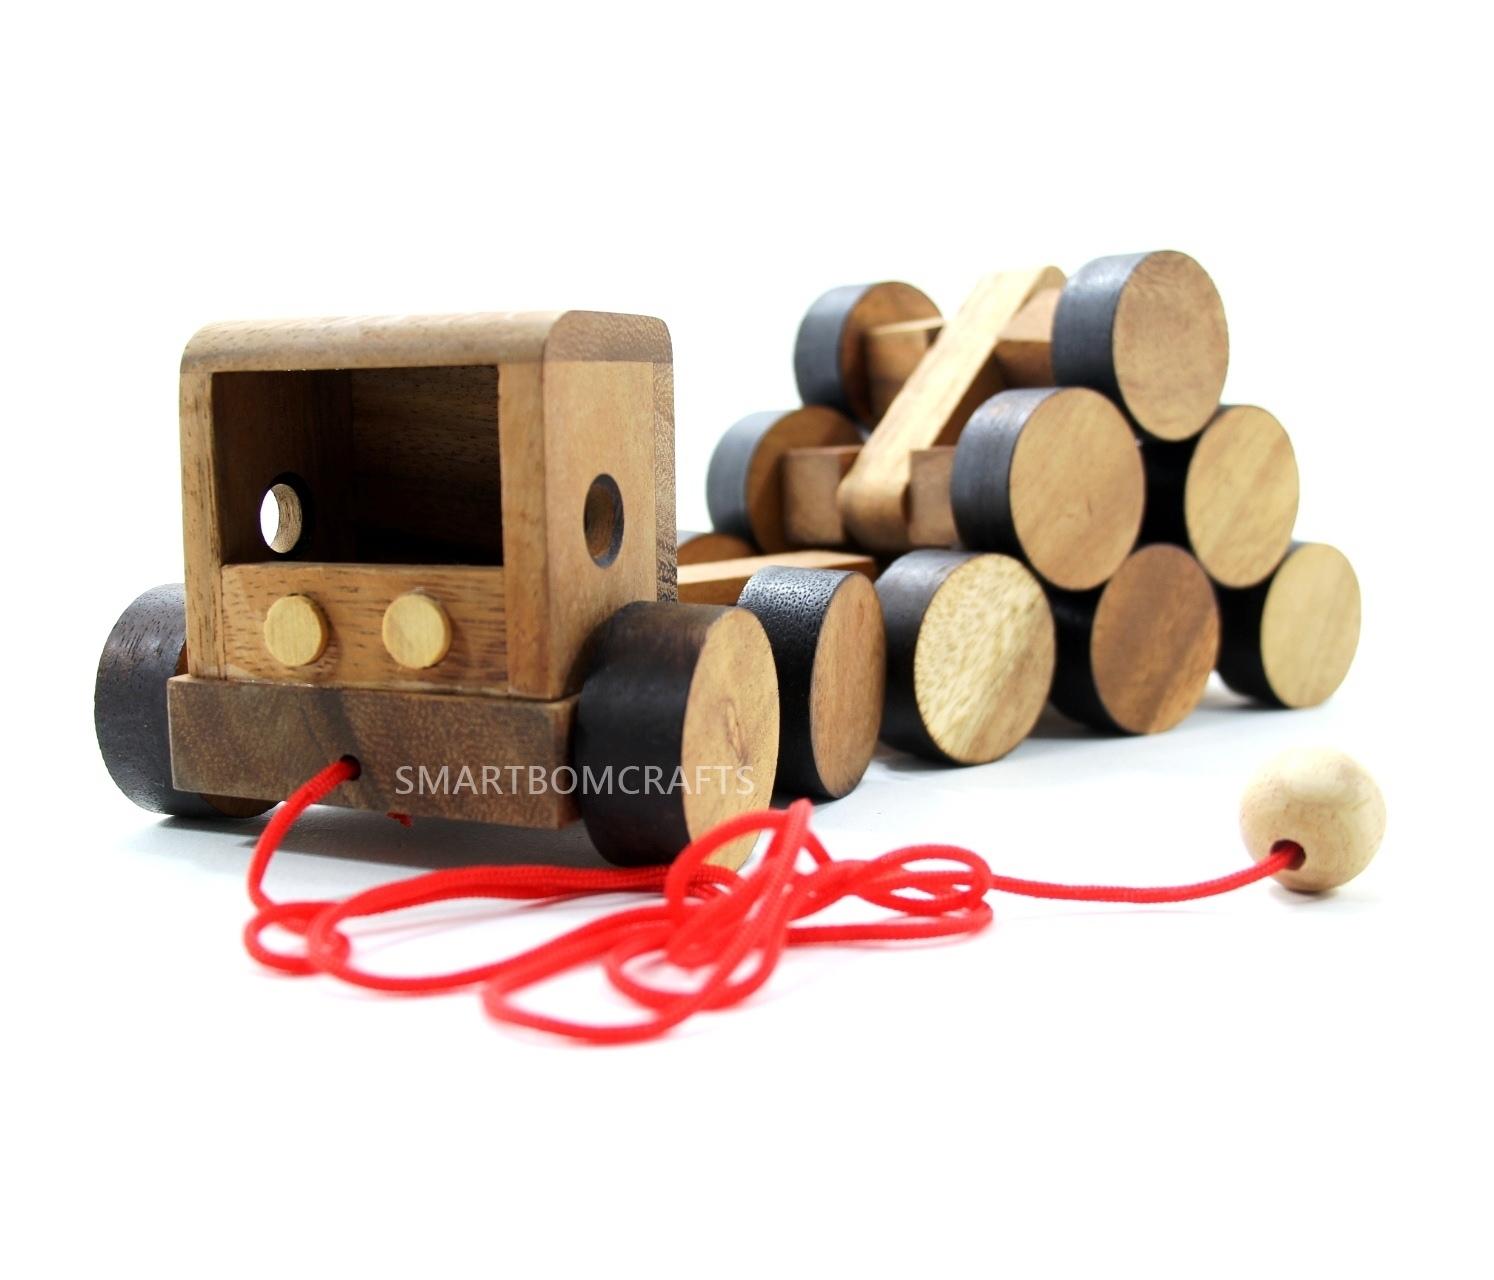 รถเทรลเลอร์สายหรรษา ของเล่นเด็ก ของเล่นไม้ ของเล่นเสริมสร้างสมาธิ